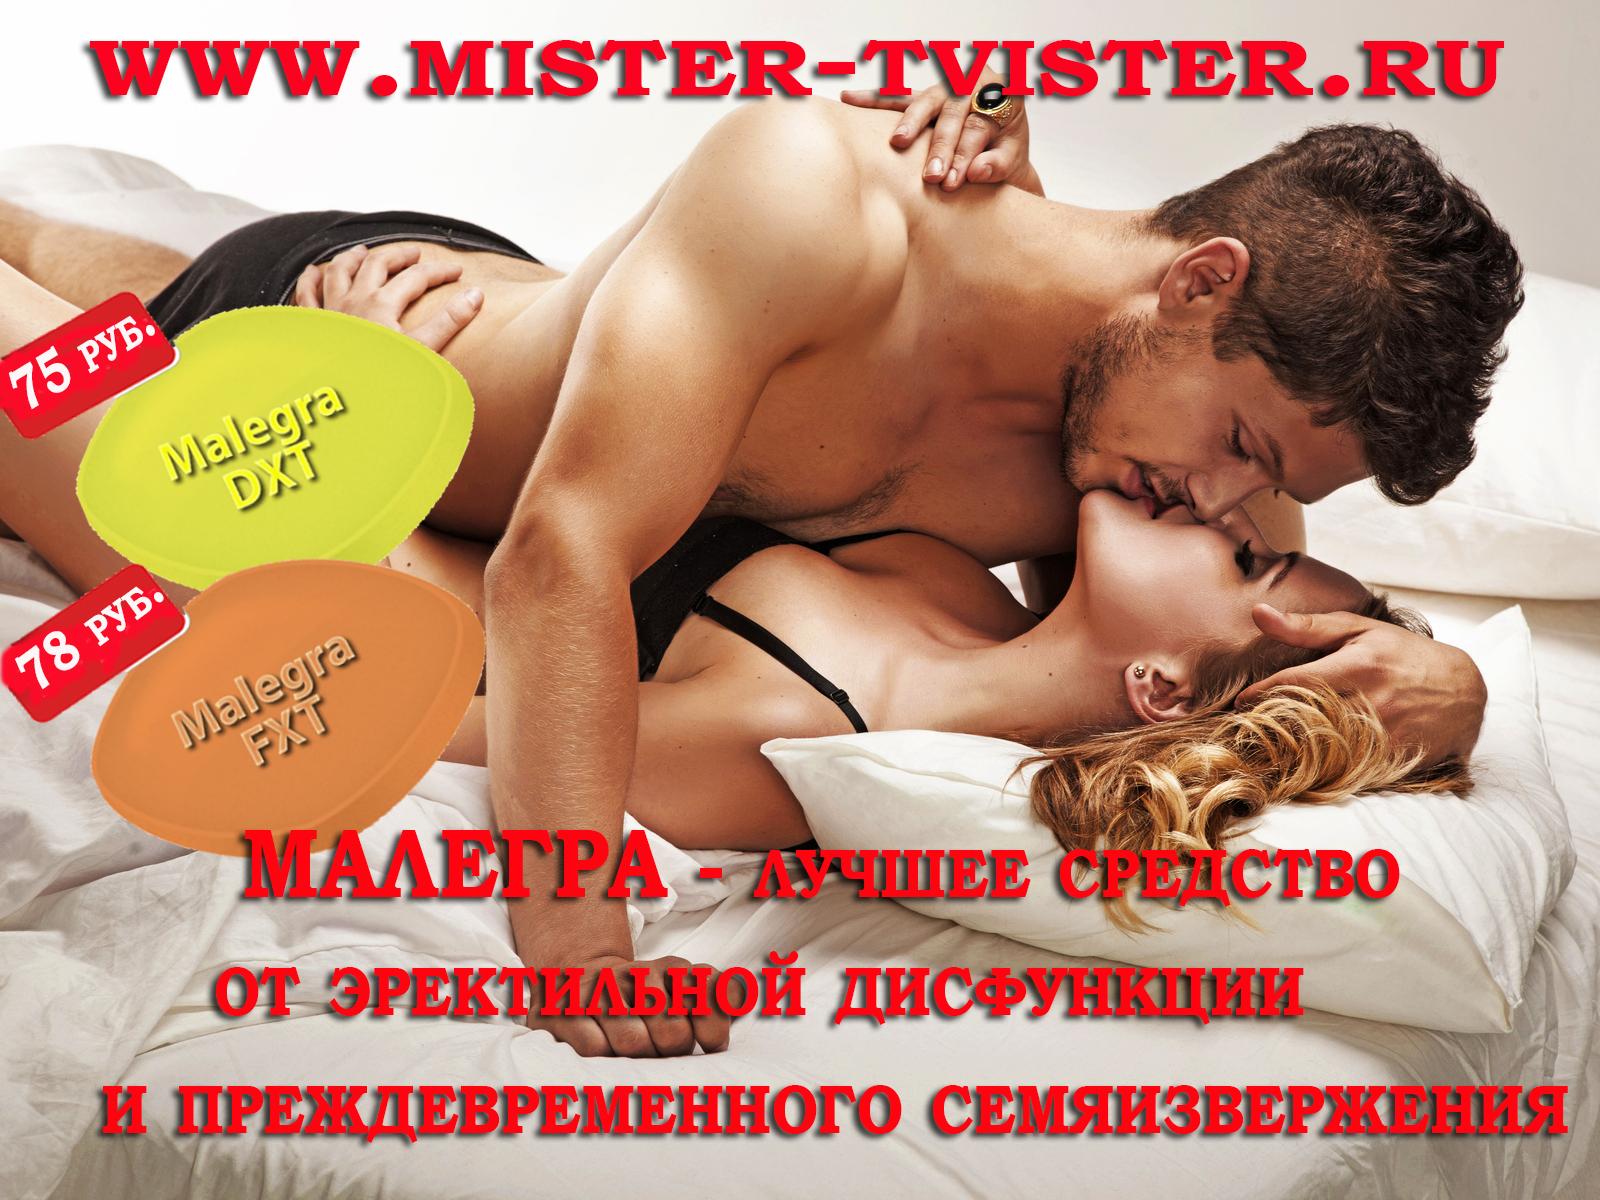 domashnee-sredstvo-dlya-uluchsheniya-potentsii